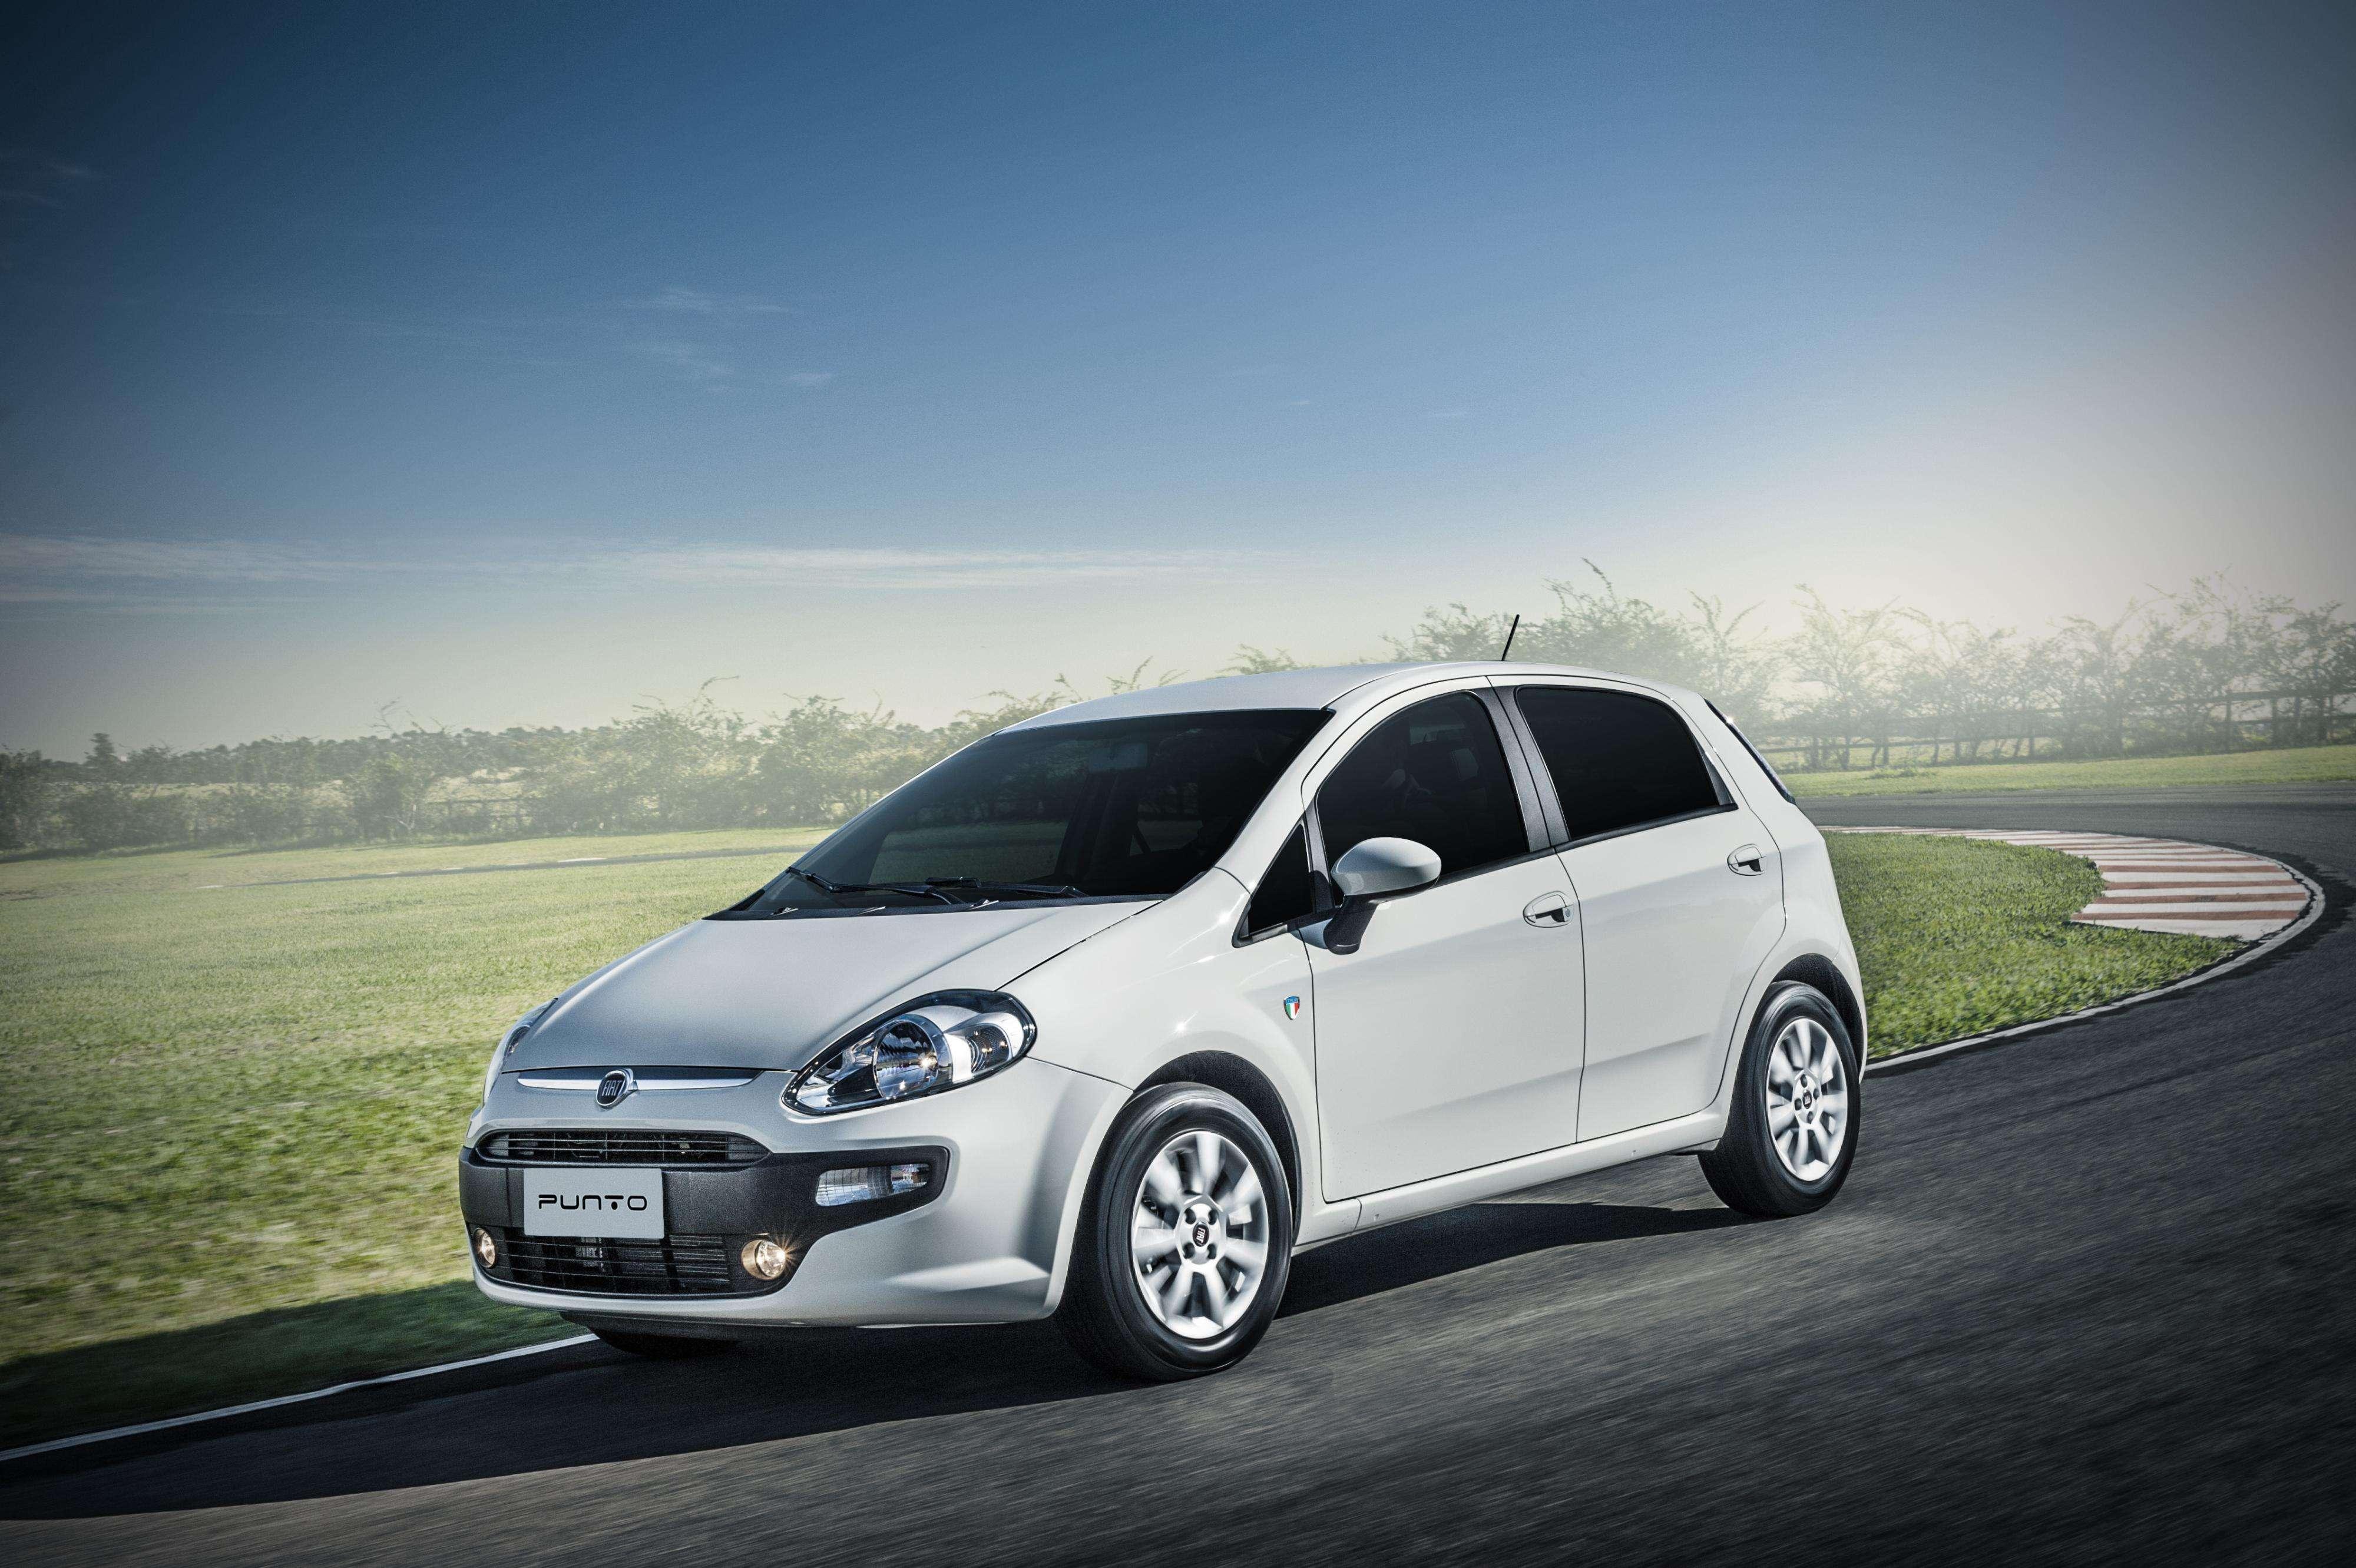 Fiat relança versão especial do Punto por R$ 45.640